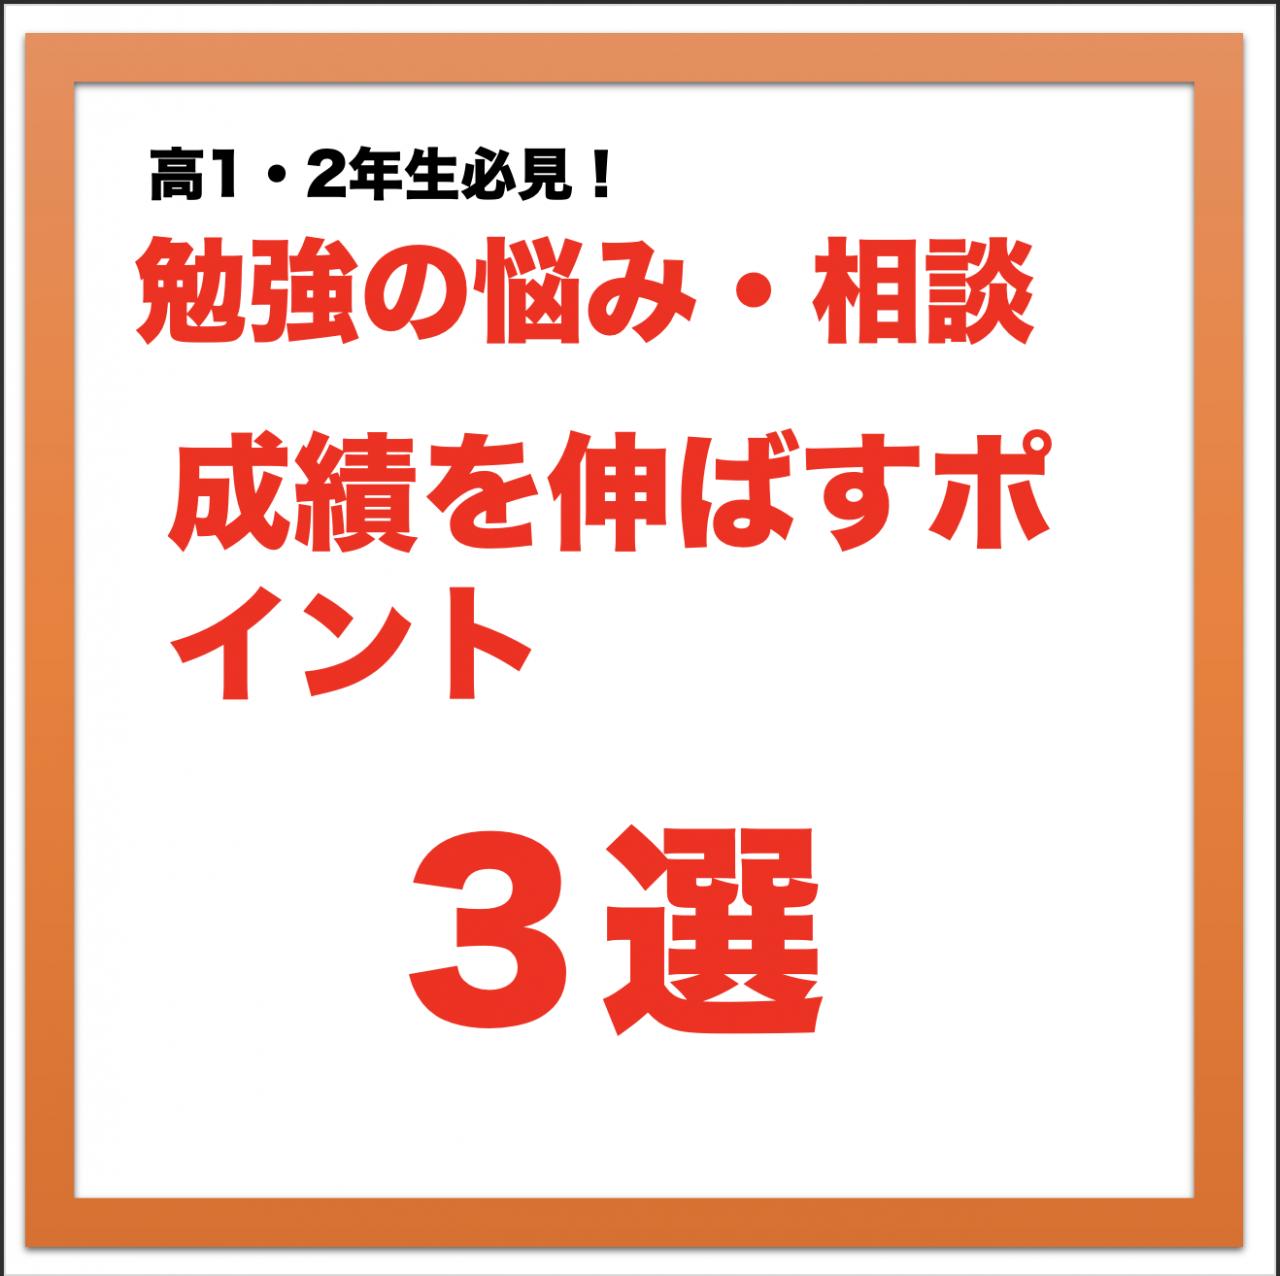 スクリーンショット 2021-07-22 14.49.49